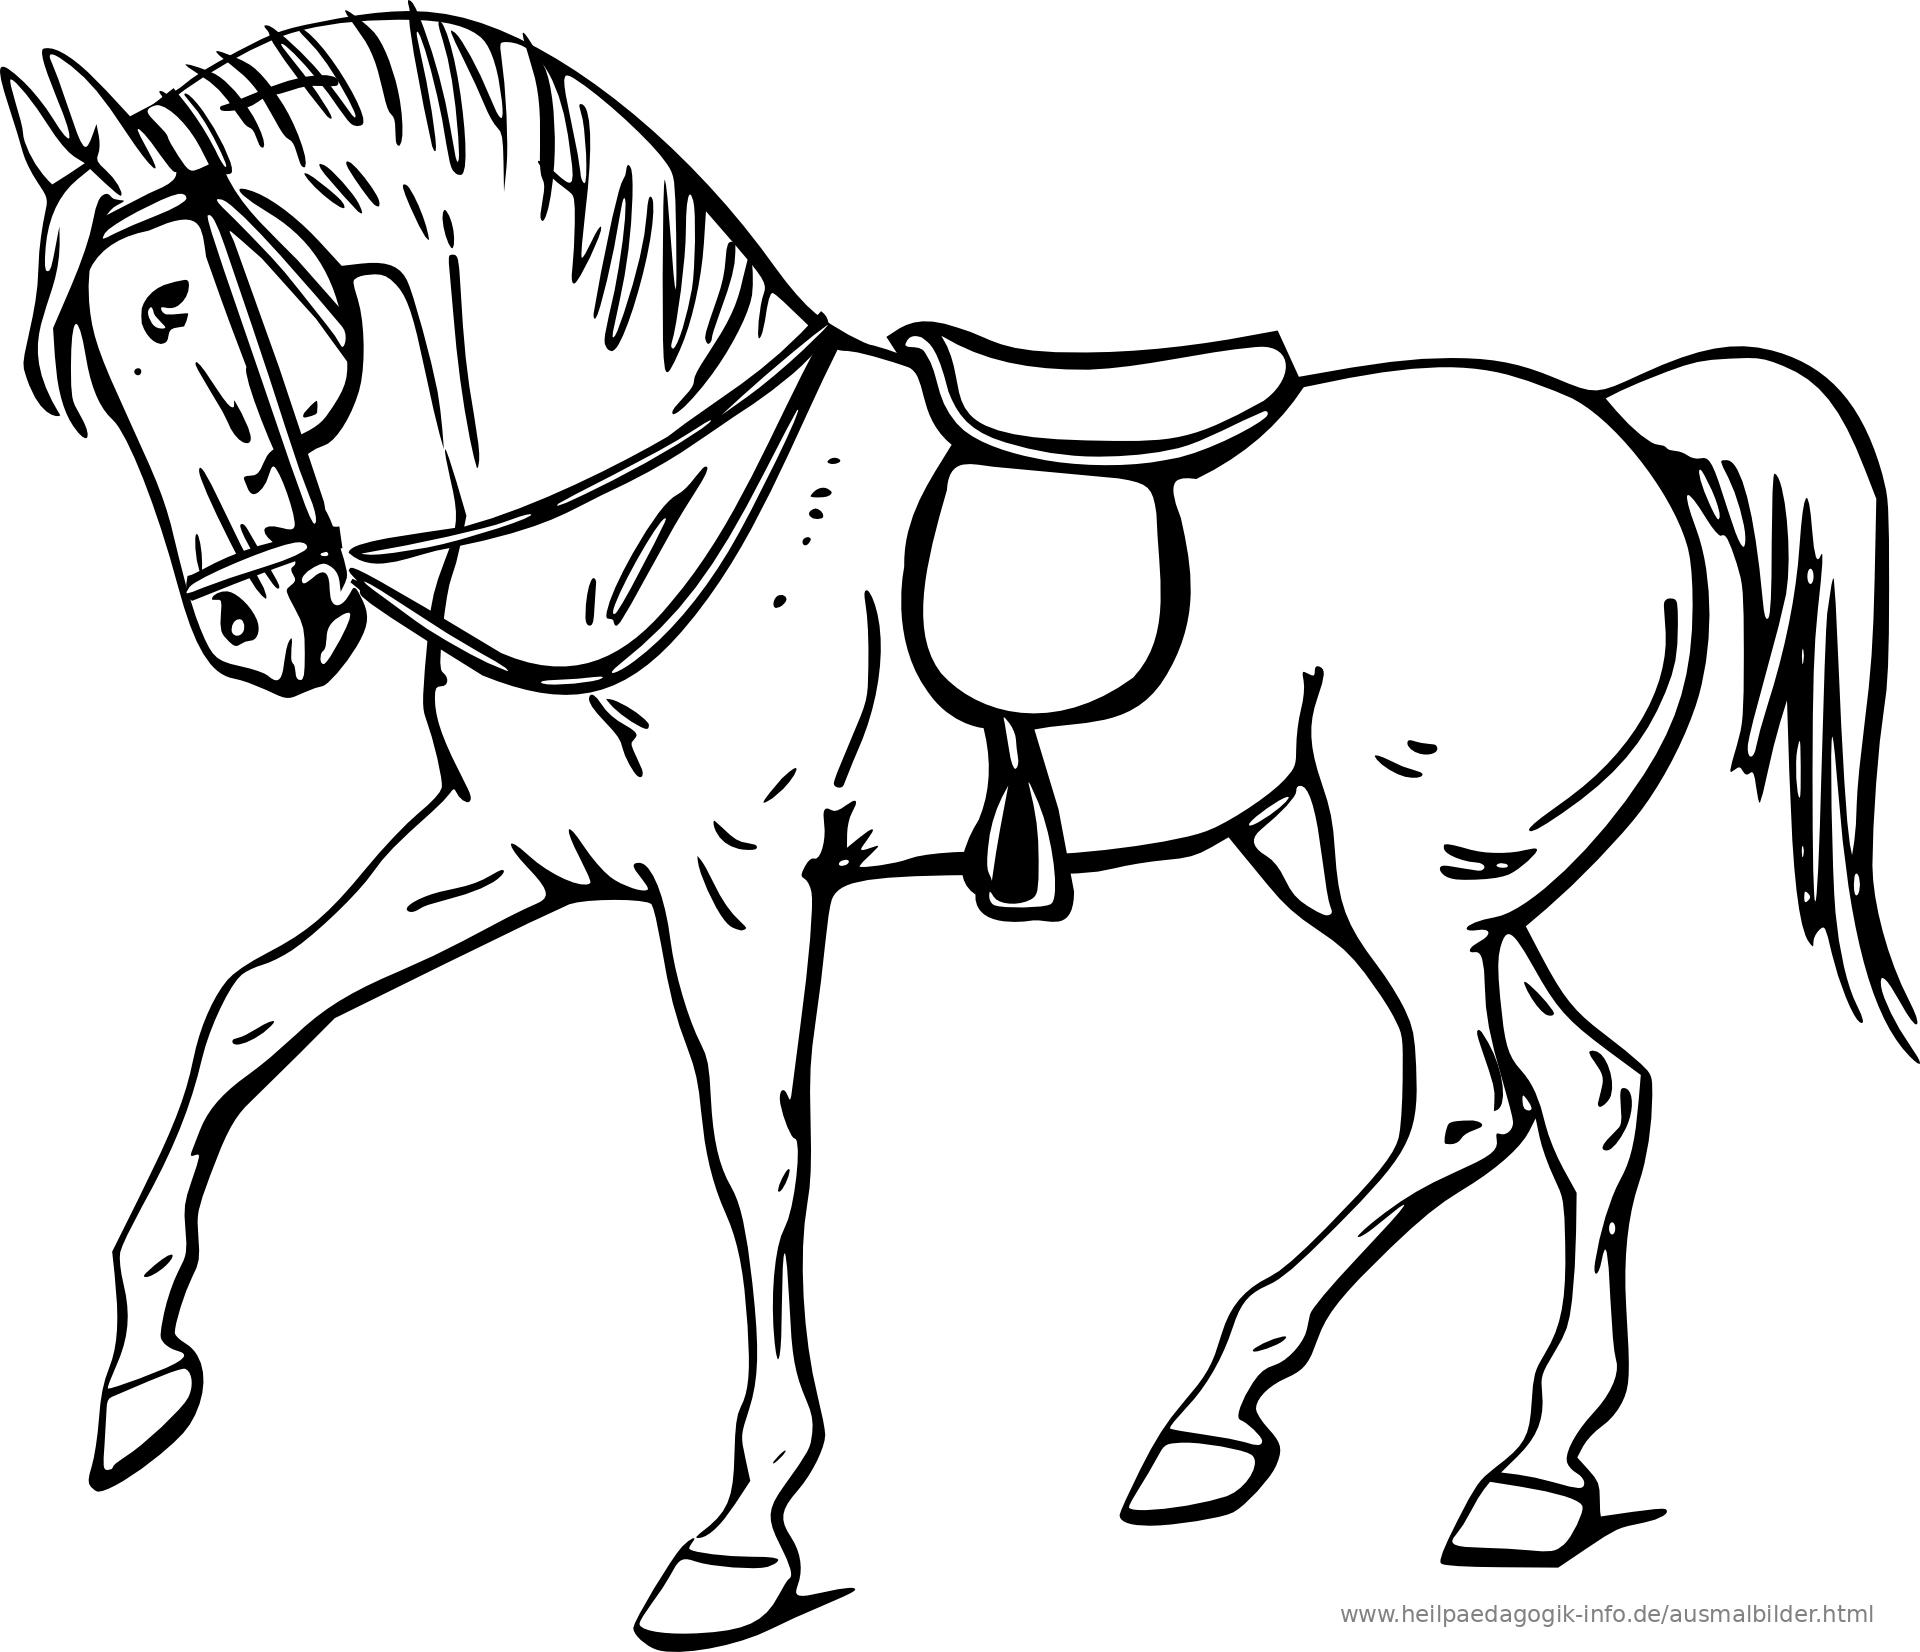 9 Ausmal Bilder Pferde - Besten Bilder von ausmalbilder